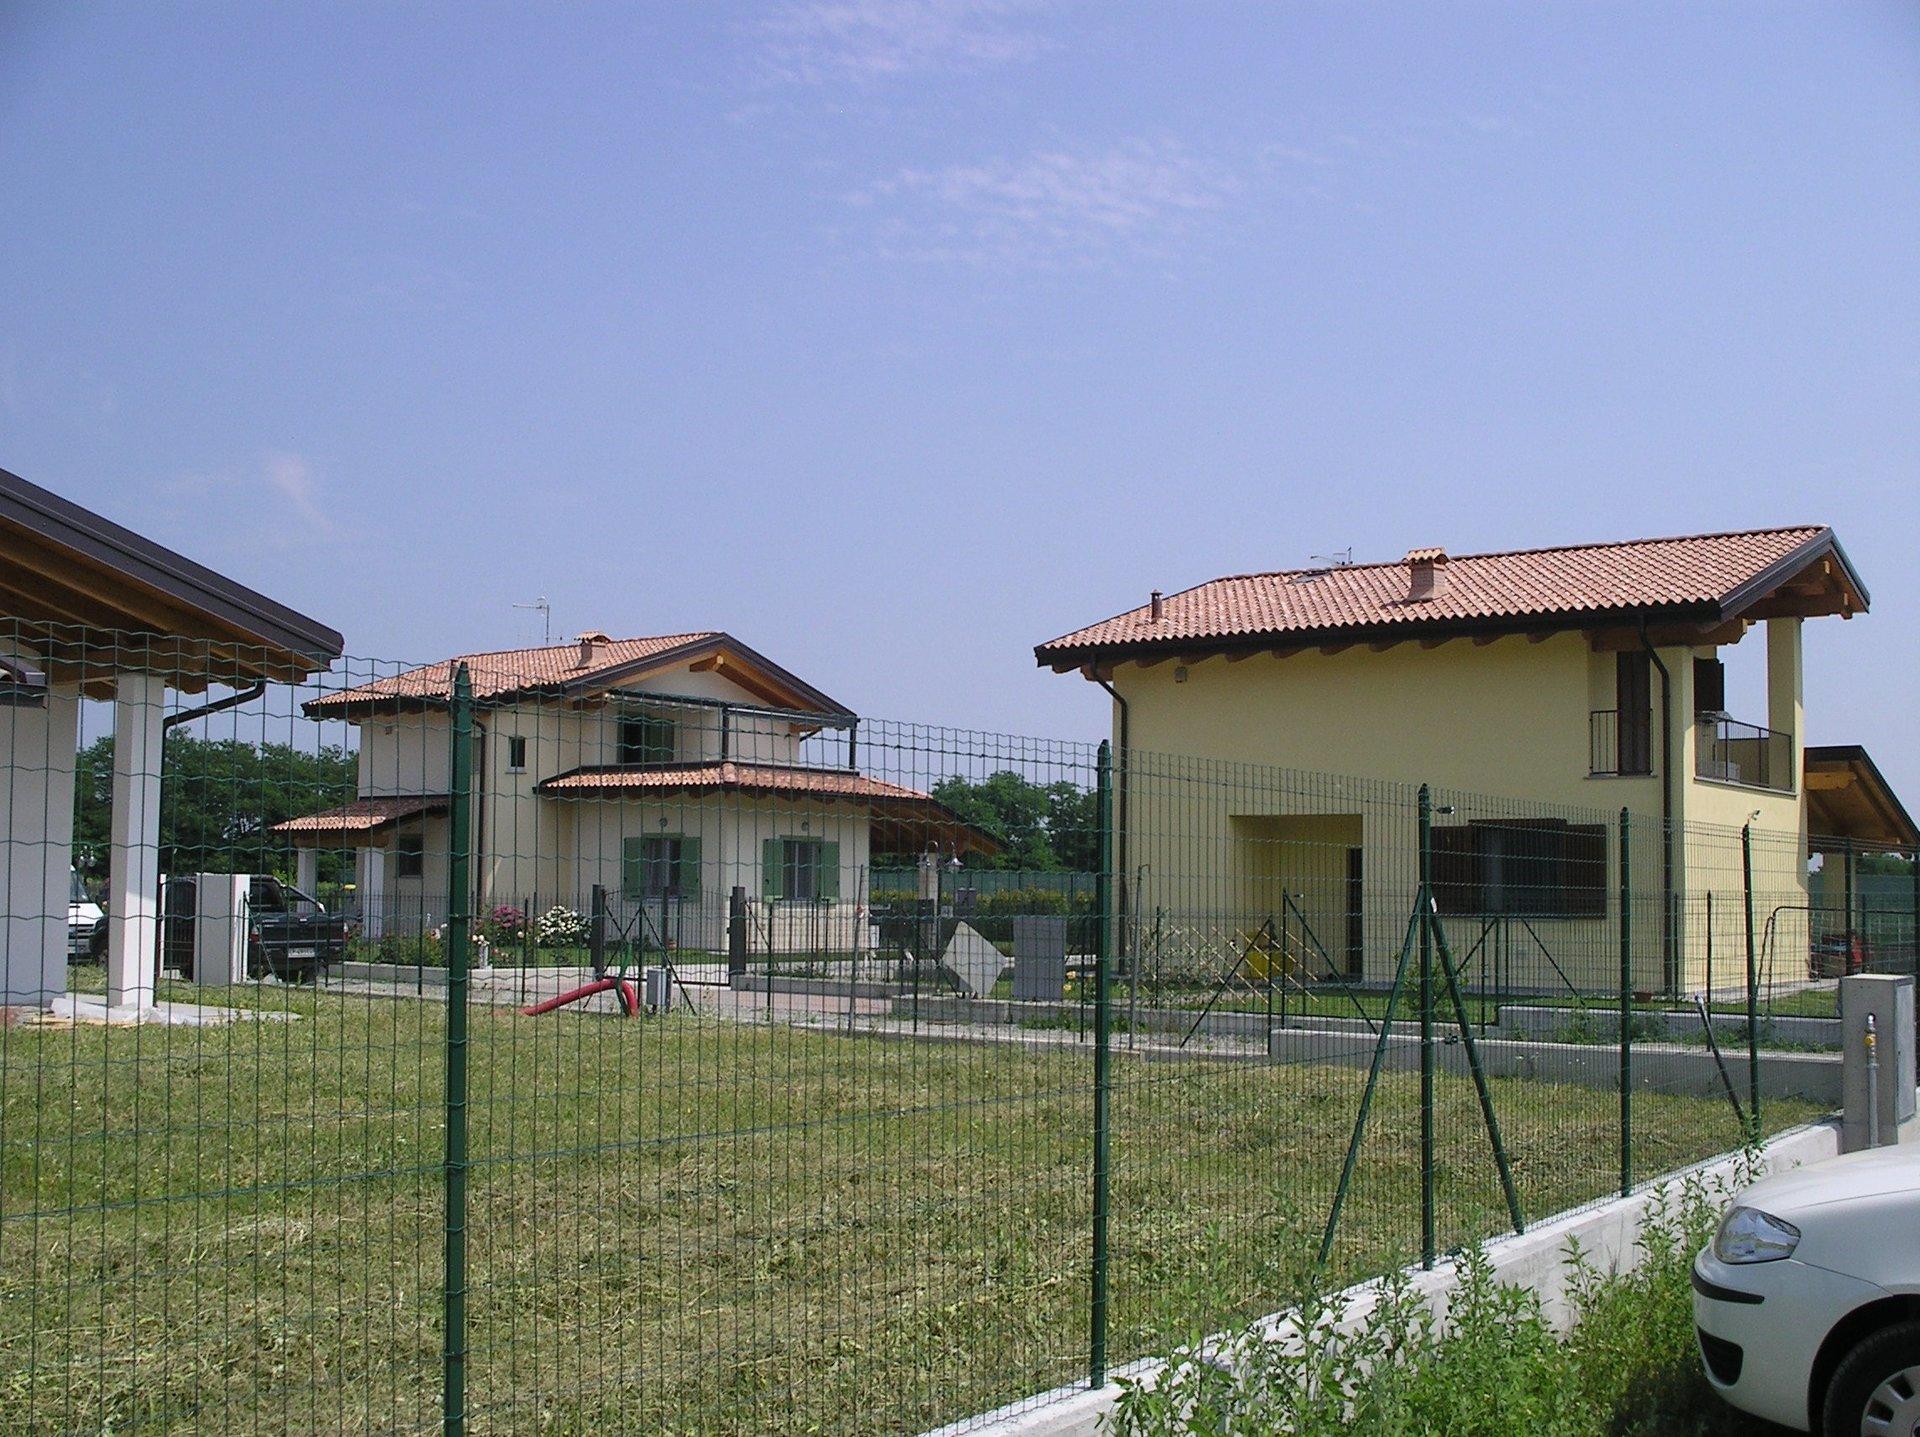 giardino con ringhiera e case indipendenti